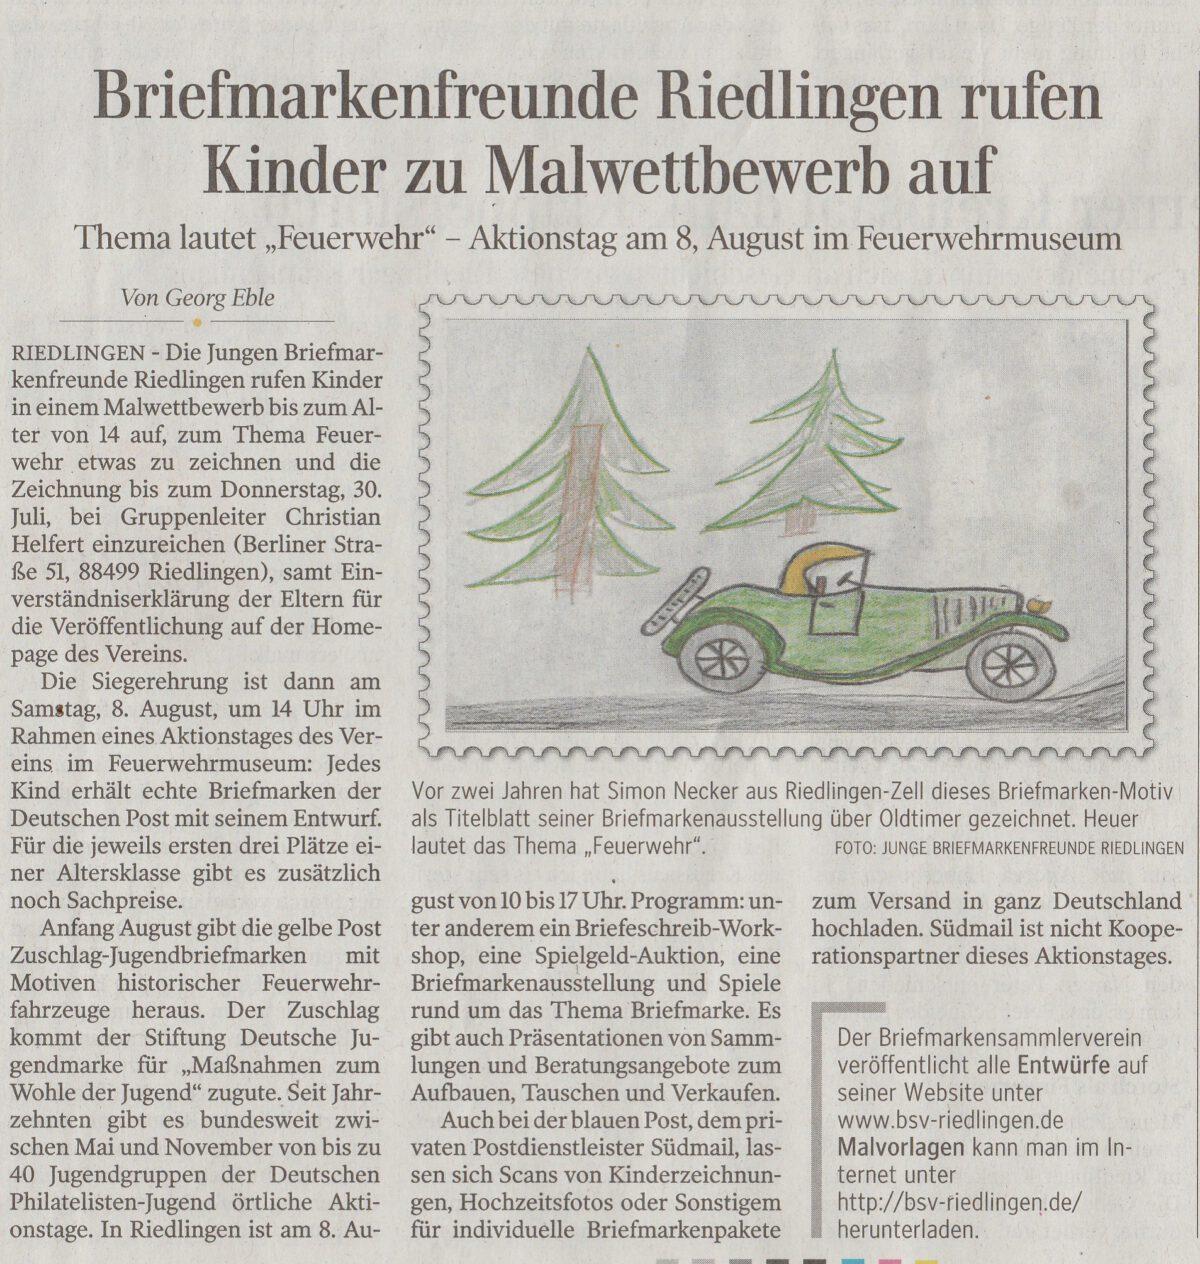 Schwäbische Zeitung vom 17.07.2020 – Briefmarkenfreunde Riedlingen rufen Kinder zu Malwettbewerb auf